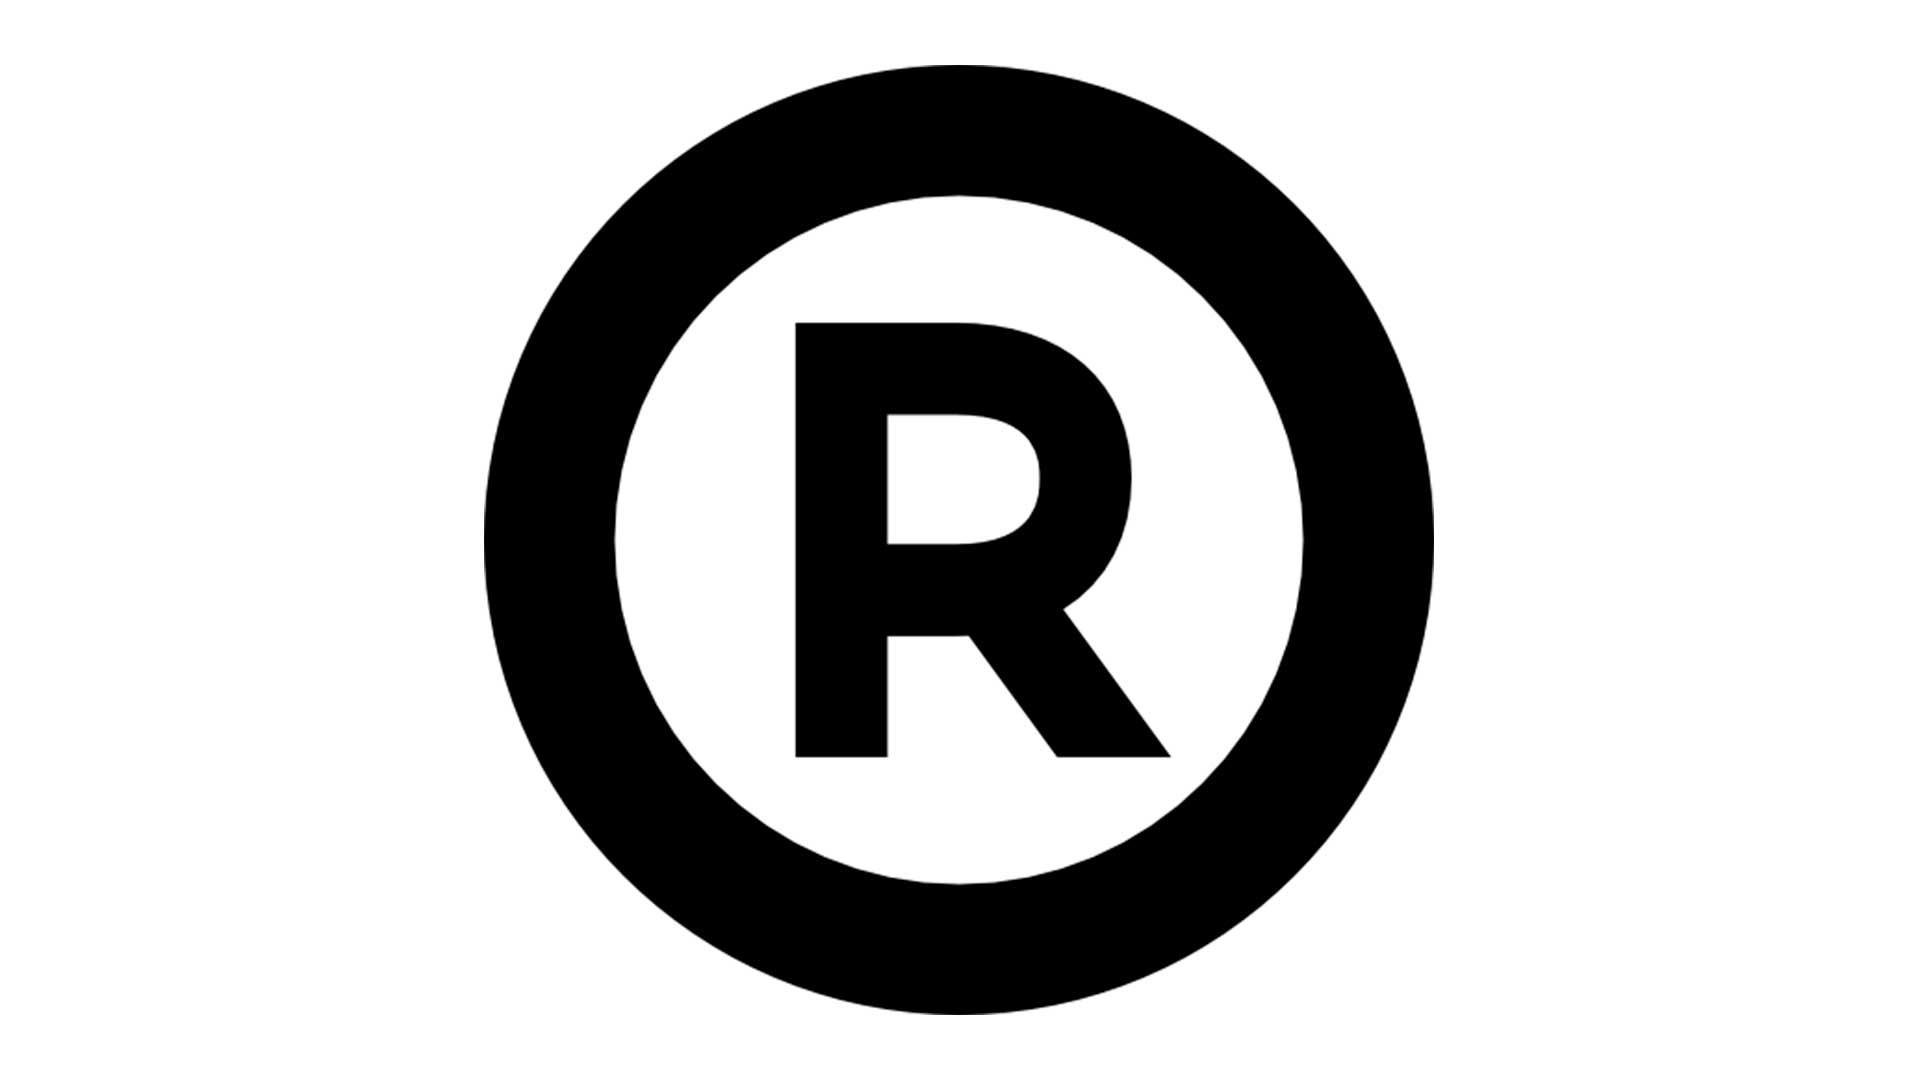 Agencia Sidecar agencia-sidecar-blog-r-marca-registrada R MARCA REGISTRADA